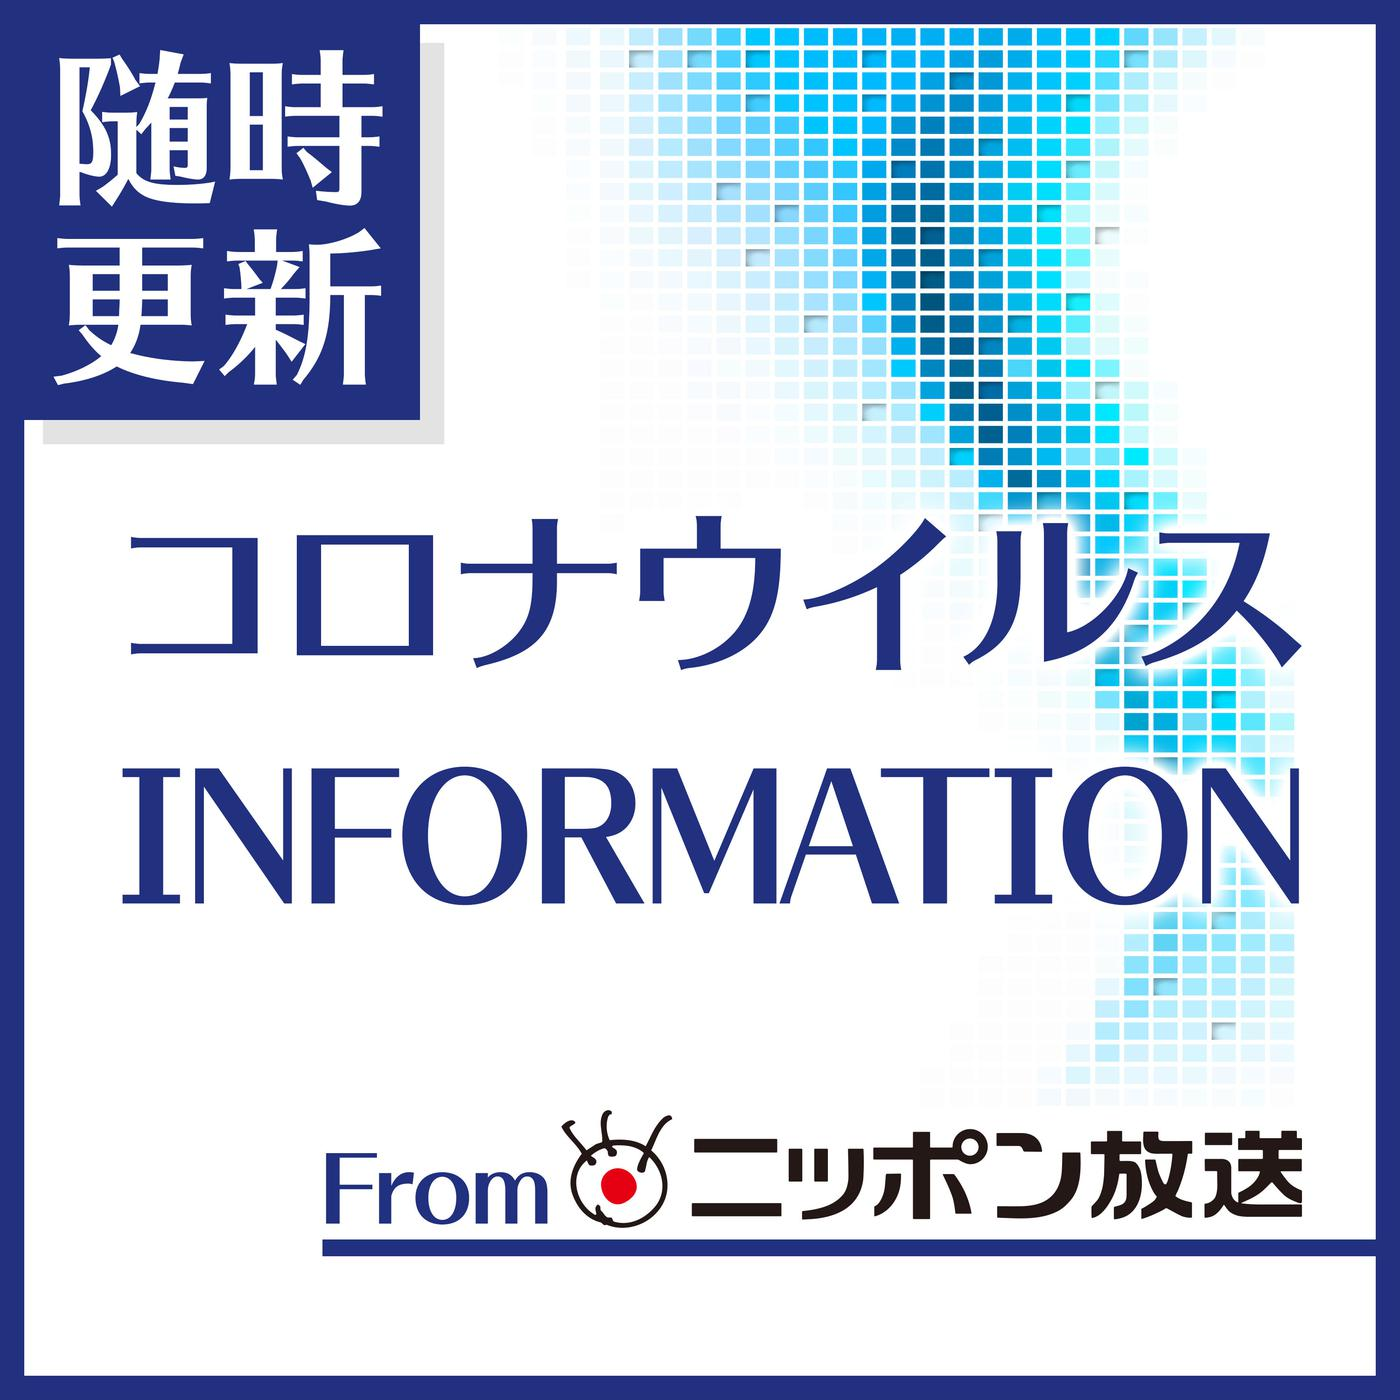 大学 病院 市川 歯科 東京